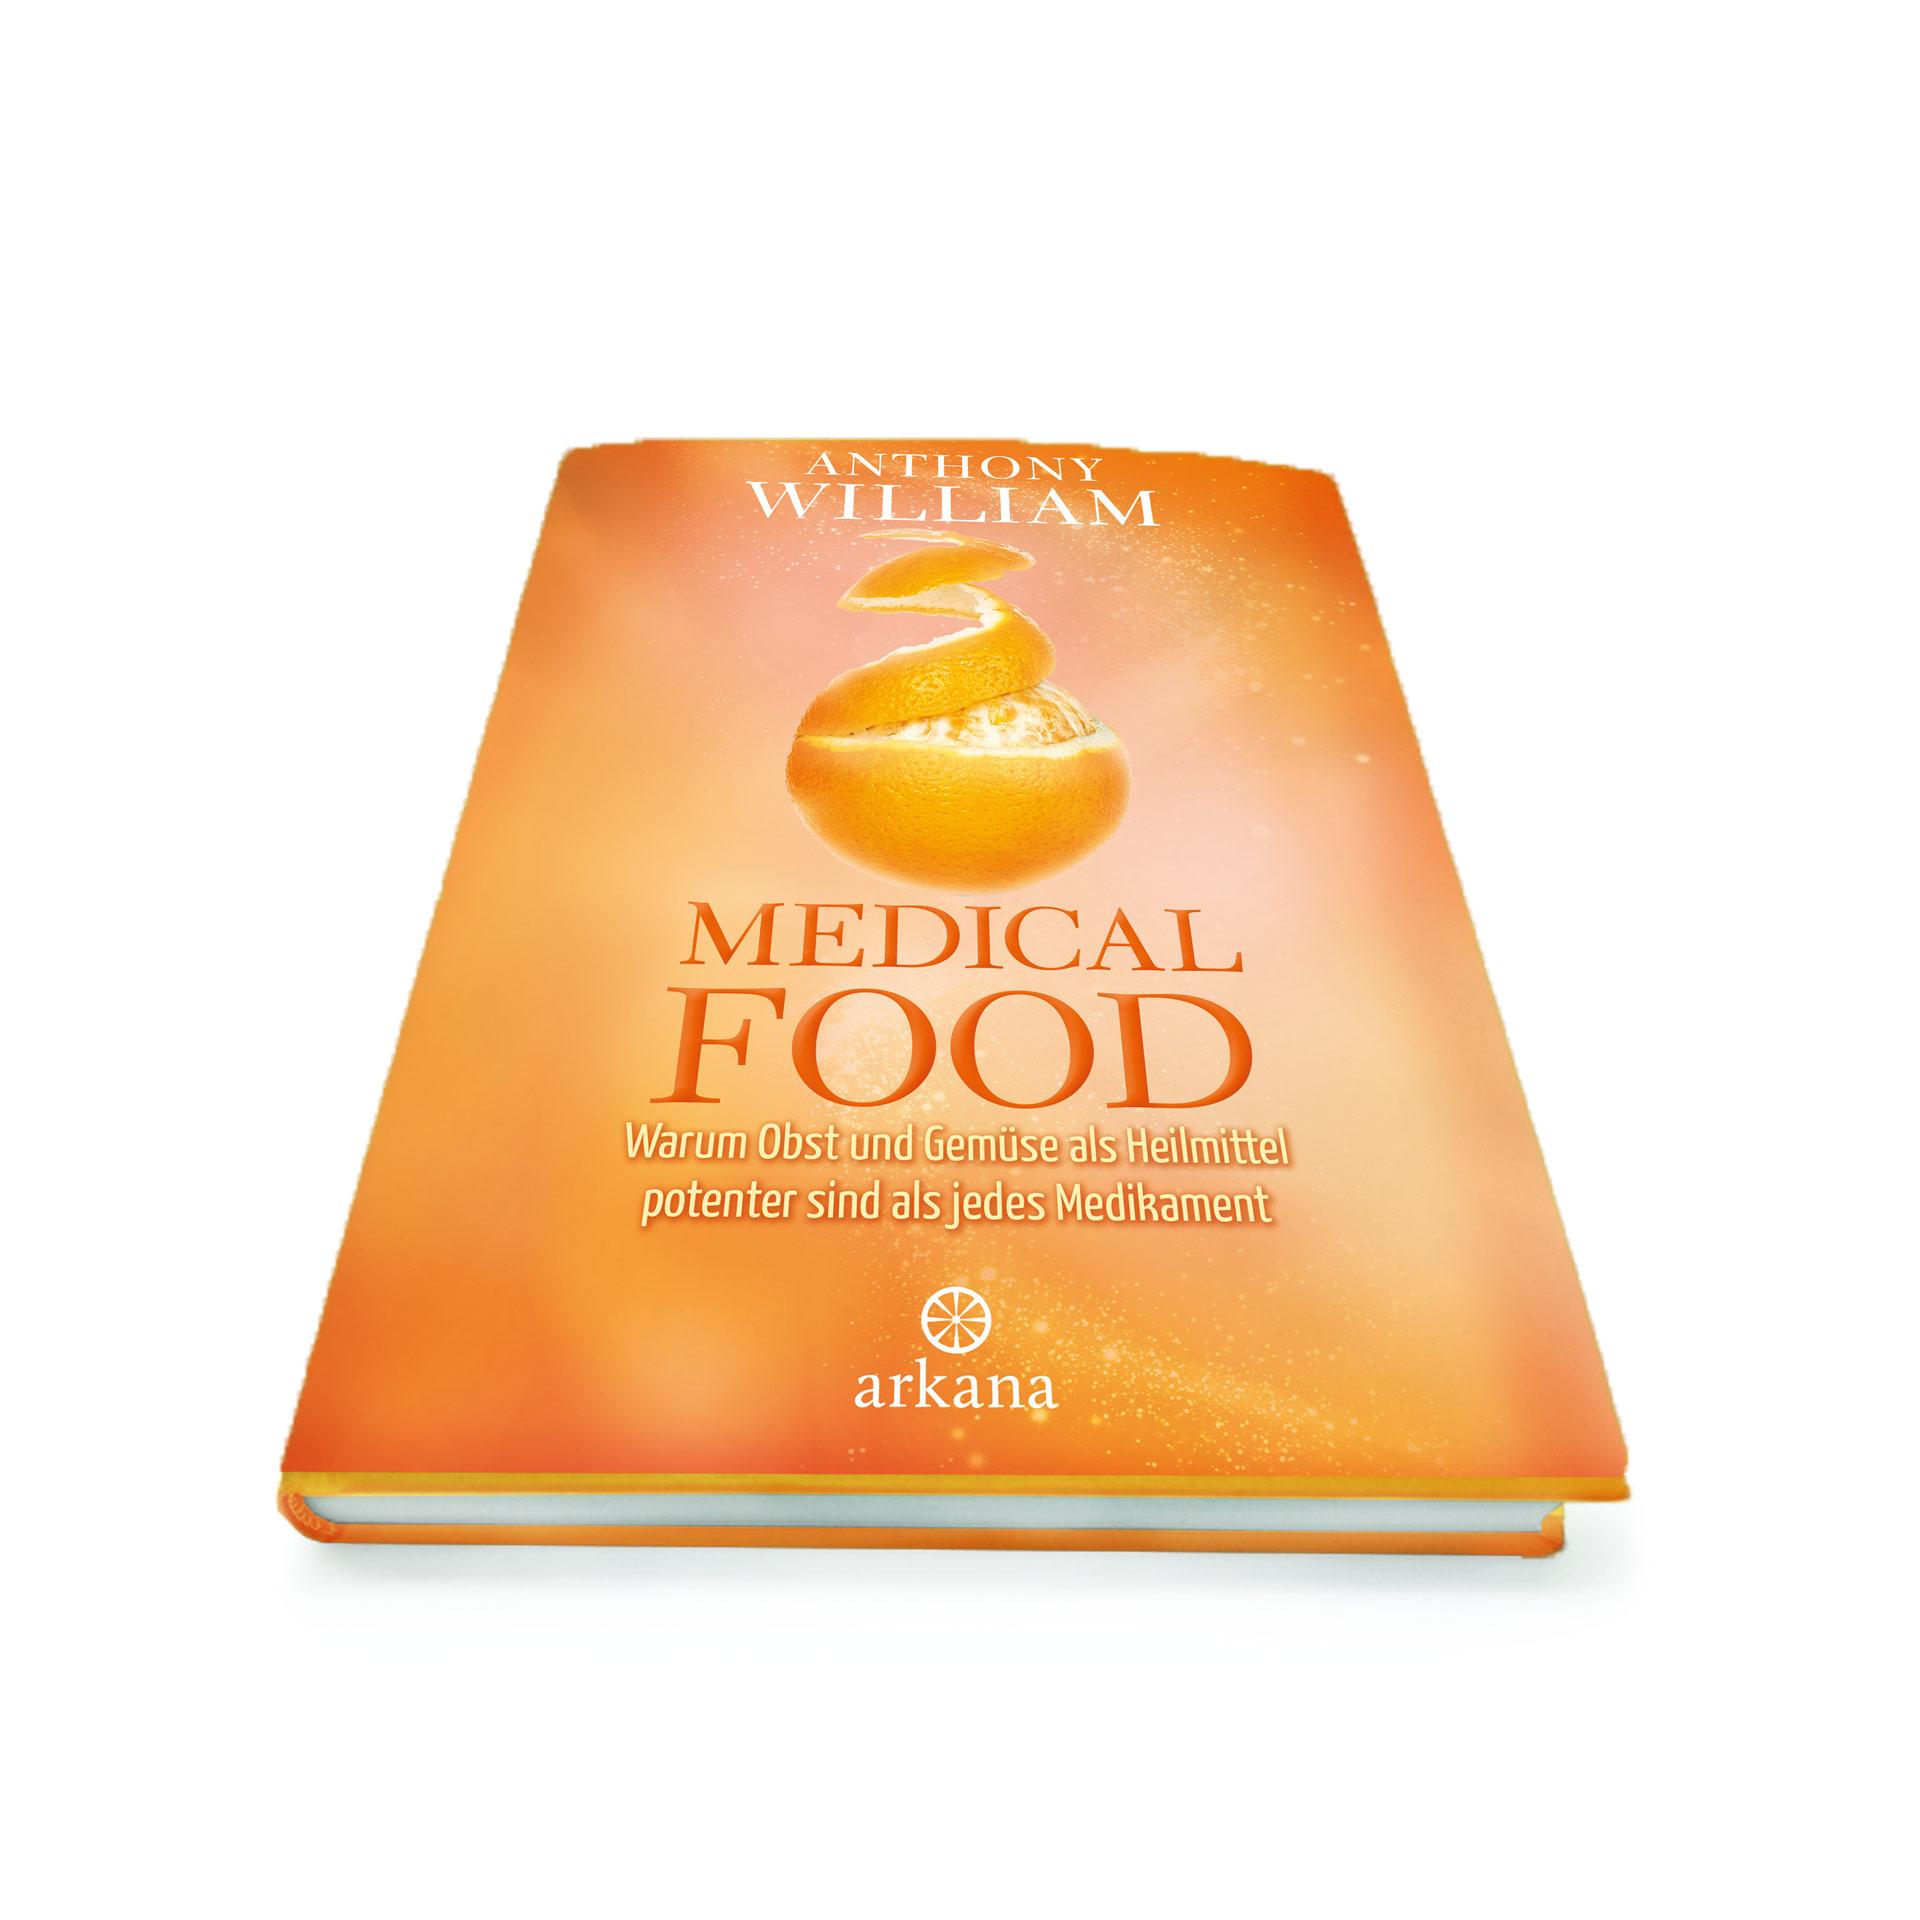 William: Medical Food